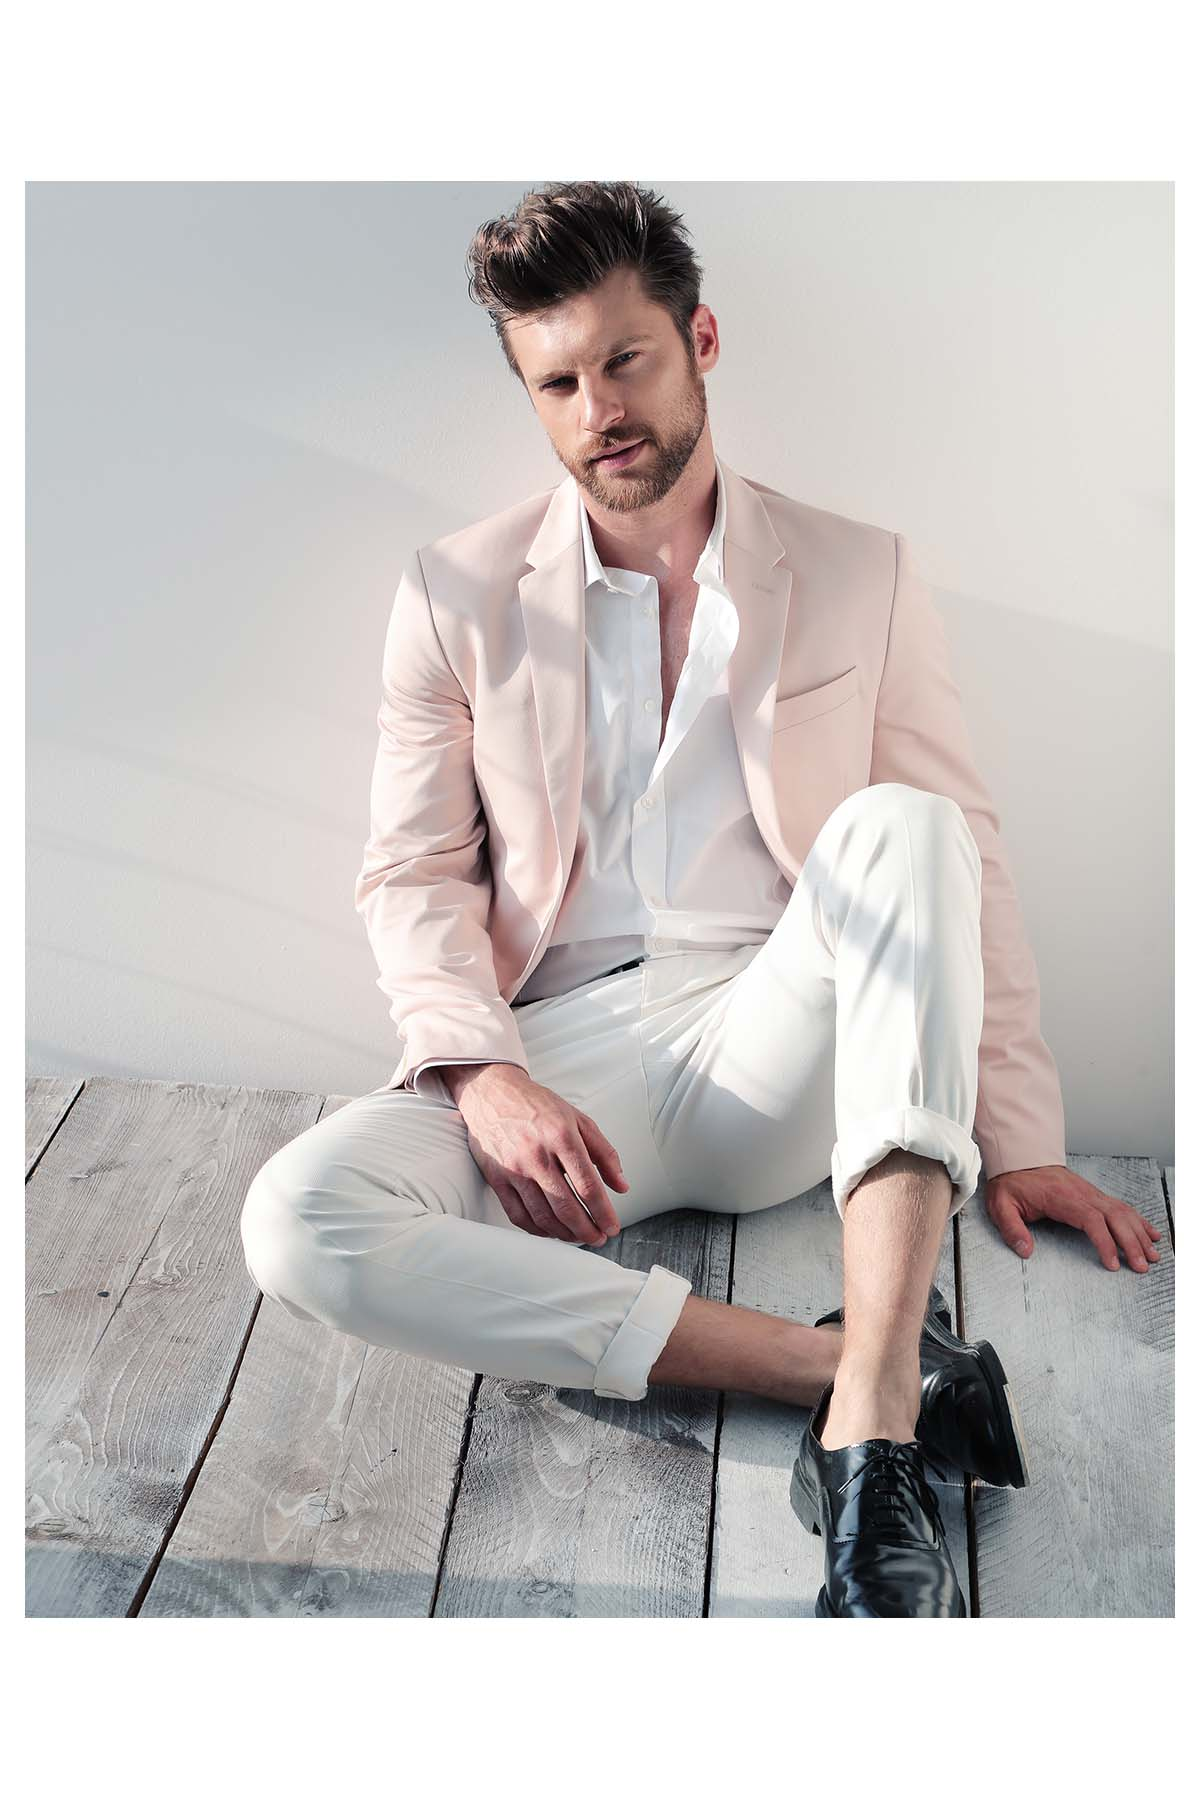 Vinicius Piccoli by Maurizio Montani for Brazilian Male Model